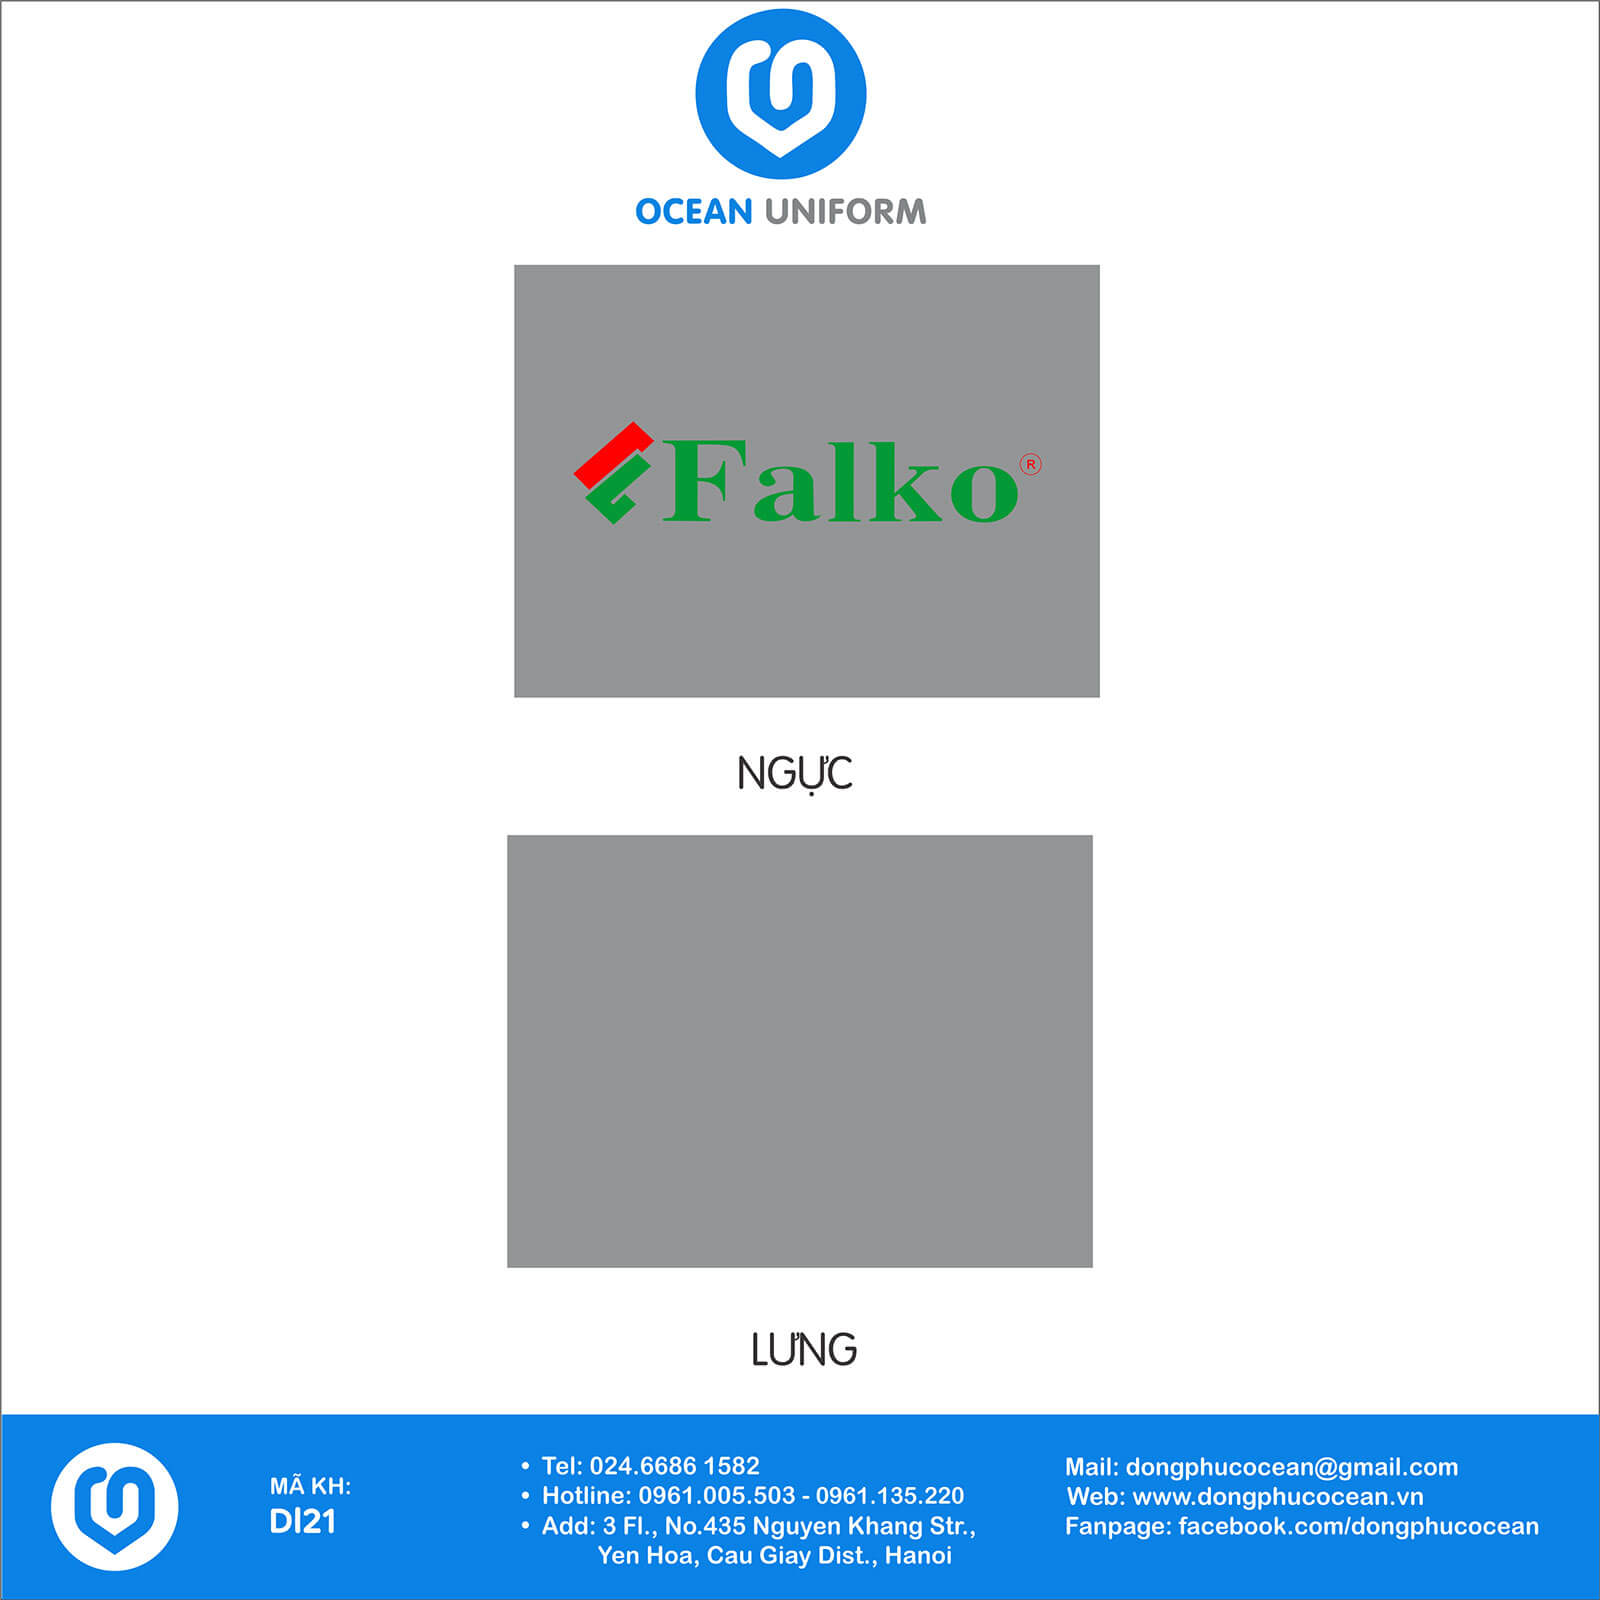 Họa tiếtáo đồng phục Công ty FALKO